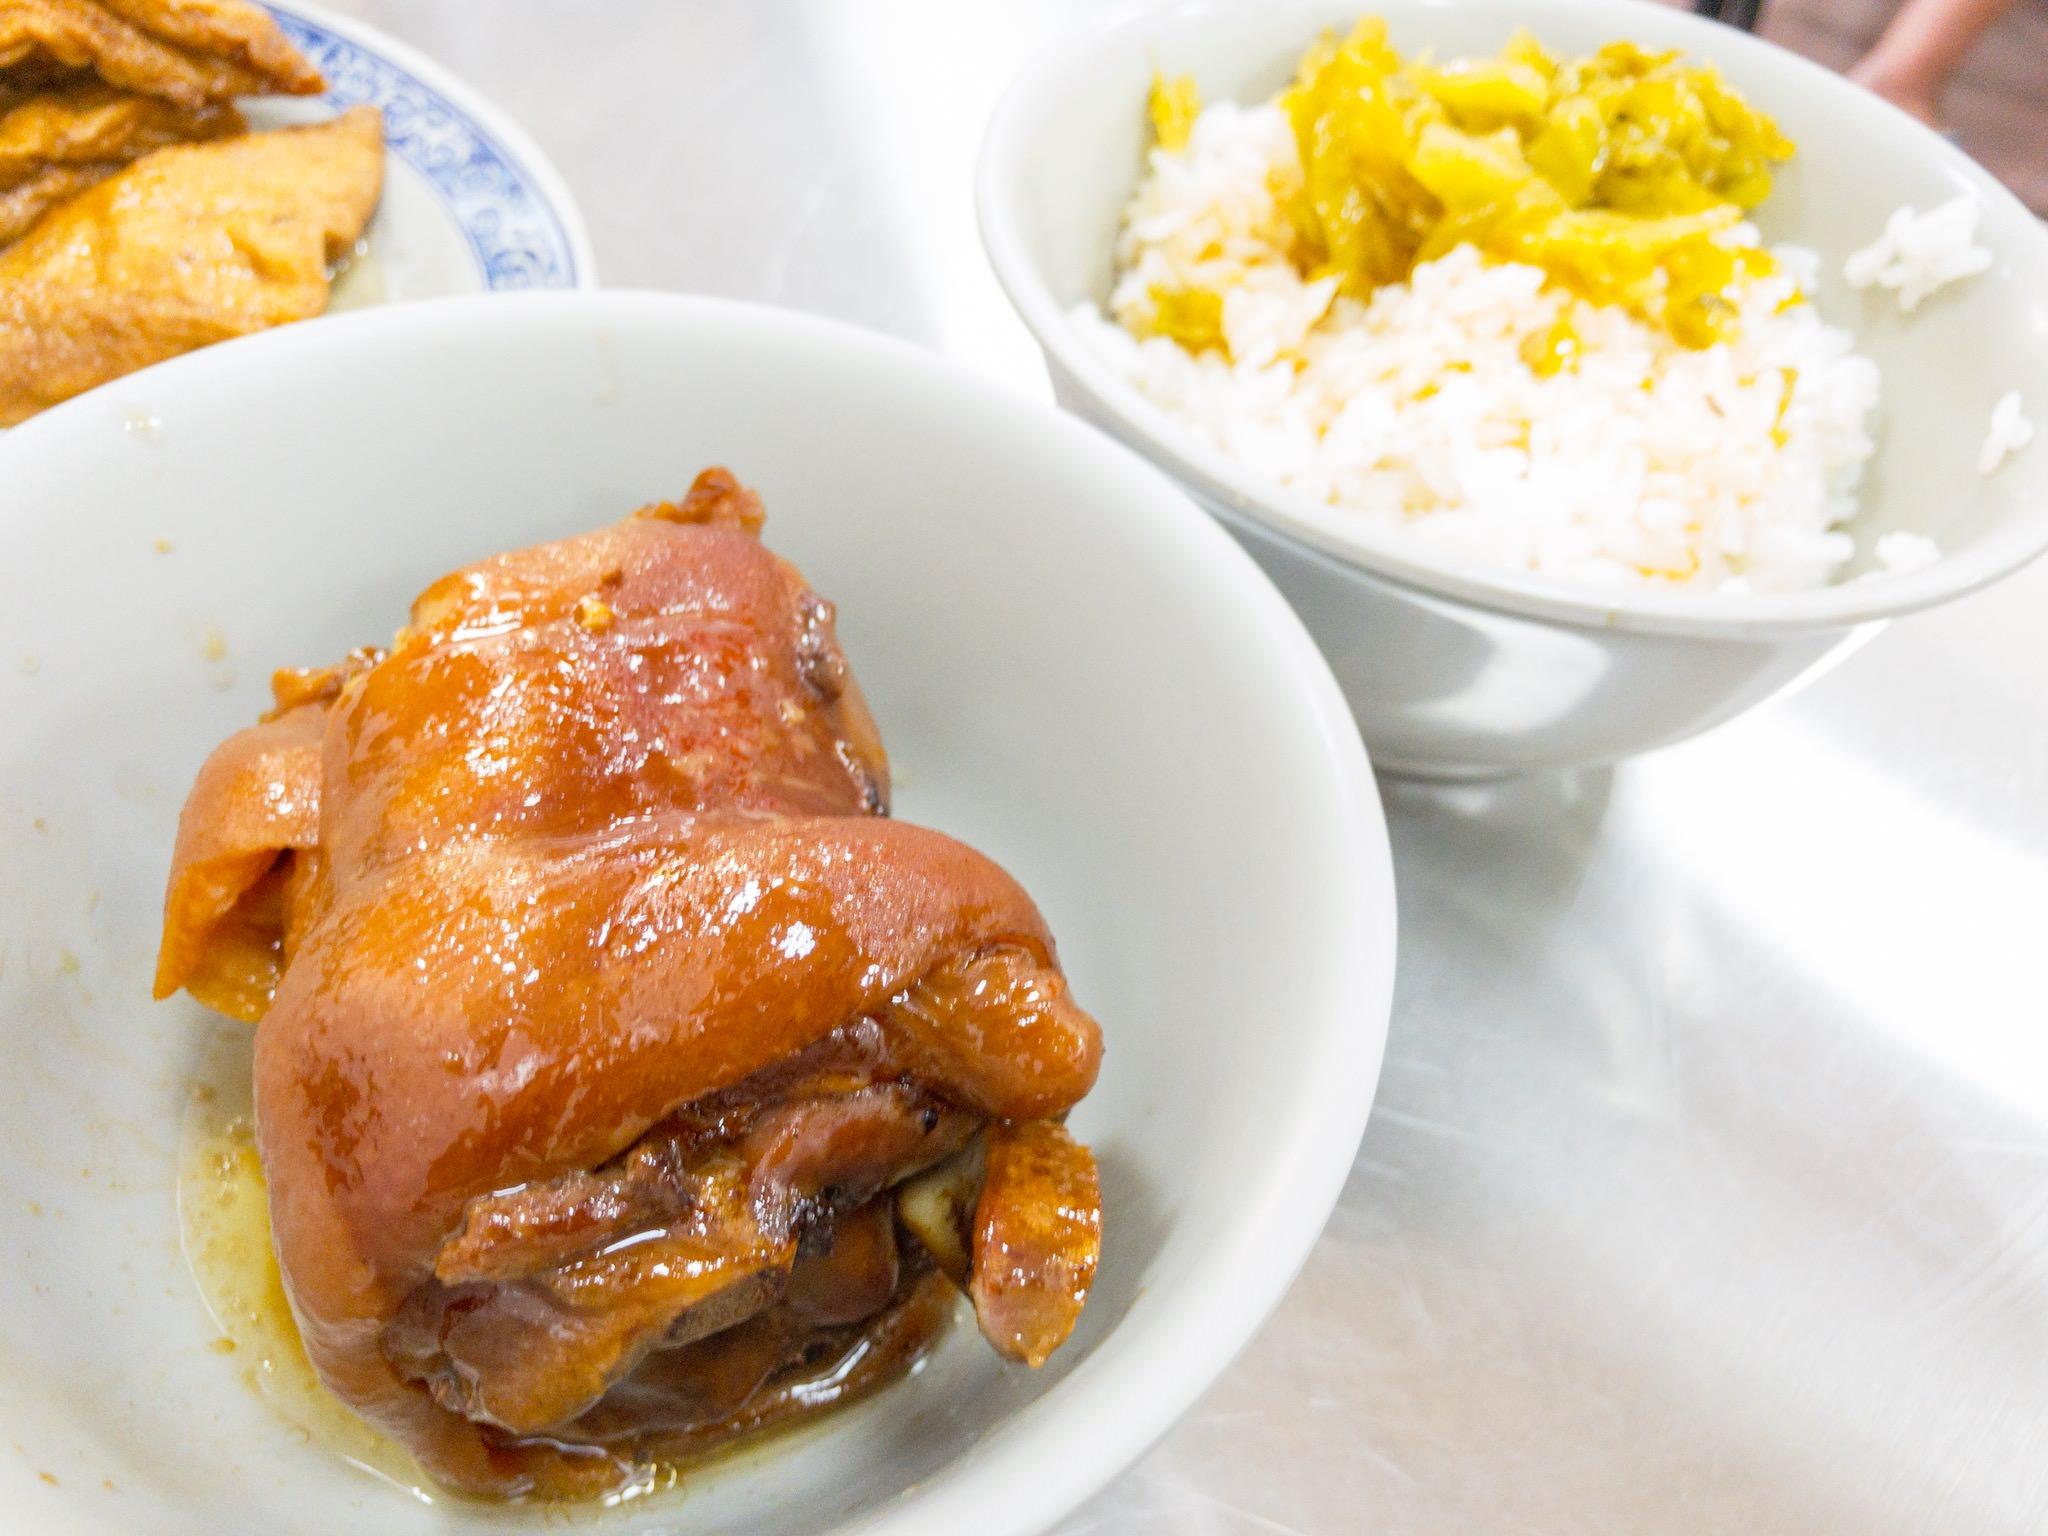 [梧棲]萬巒豬腳便當,滷汁香氣撲鼻,入味軟嫩爌肉超誘人~梧棲台南擔仔麵家族新事業。